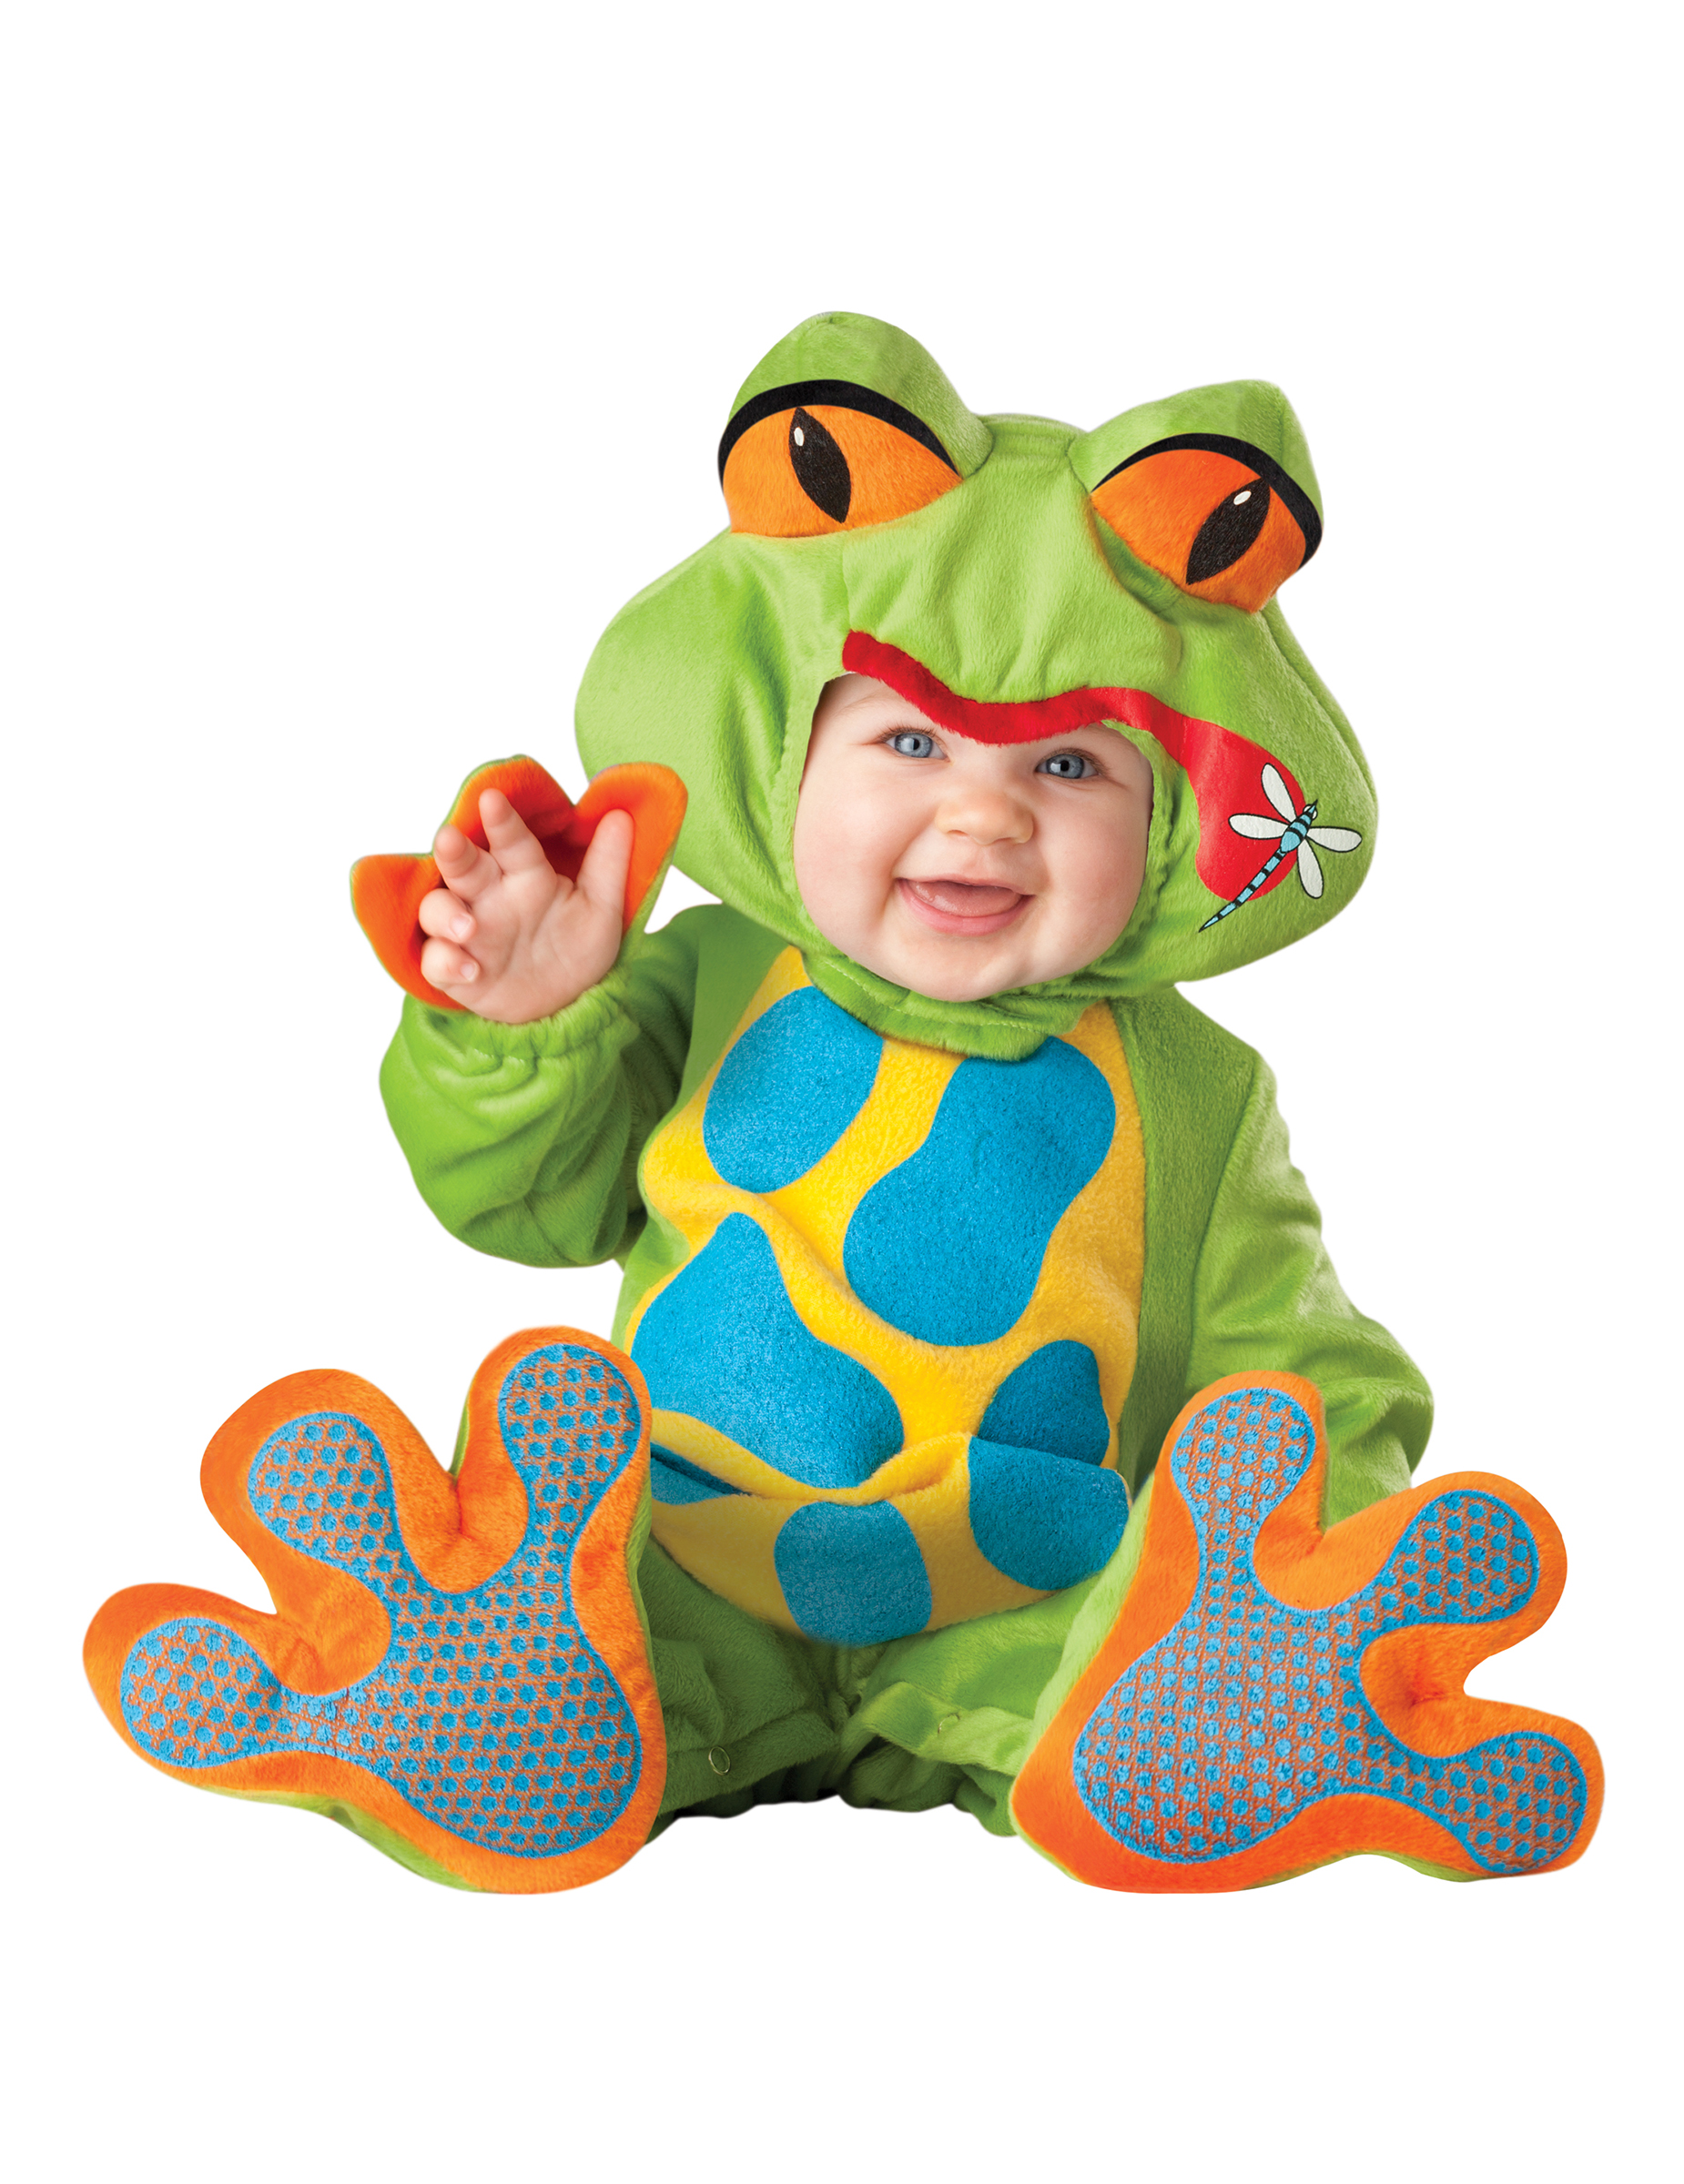 Costume ranocchio per neonato costumi bambini e vestiti di carnevale online vegaoo - Costume neonato piscina ...